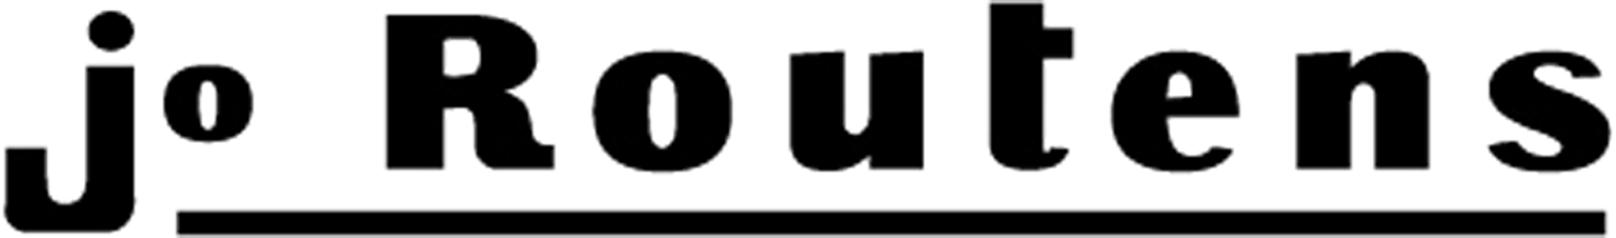 ebykr-jo-routens-logo-bw-large